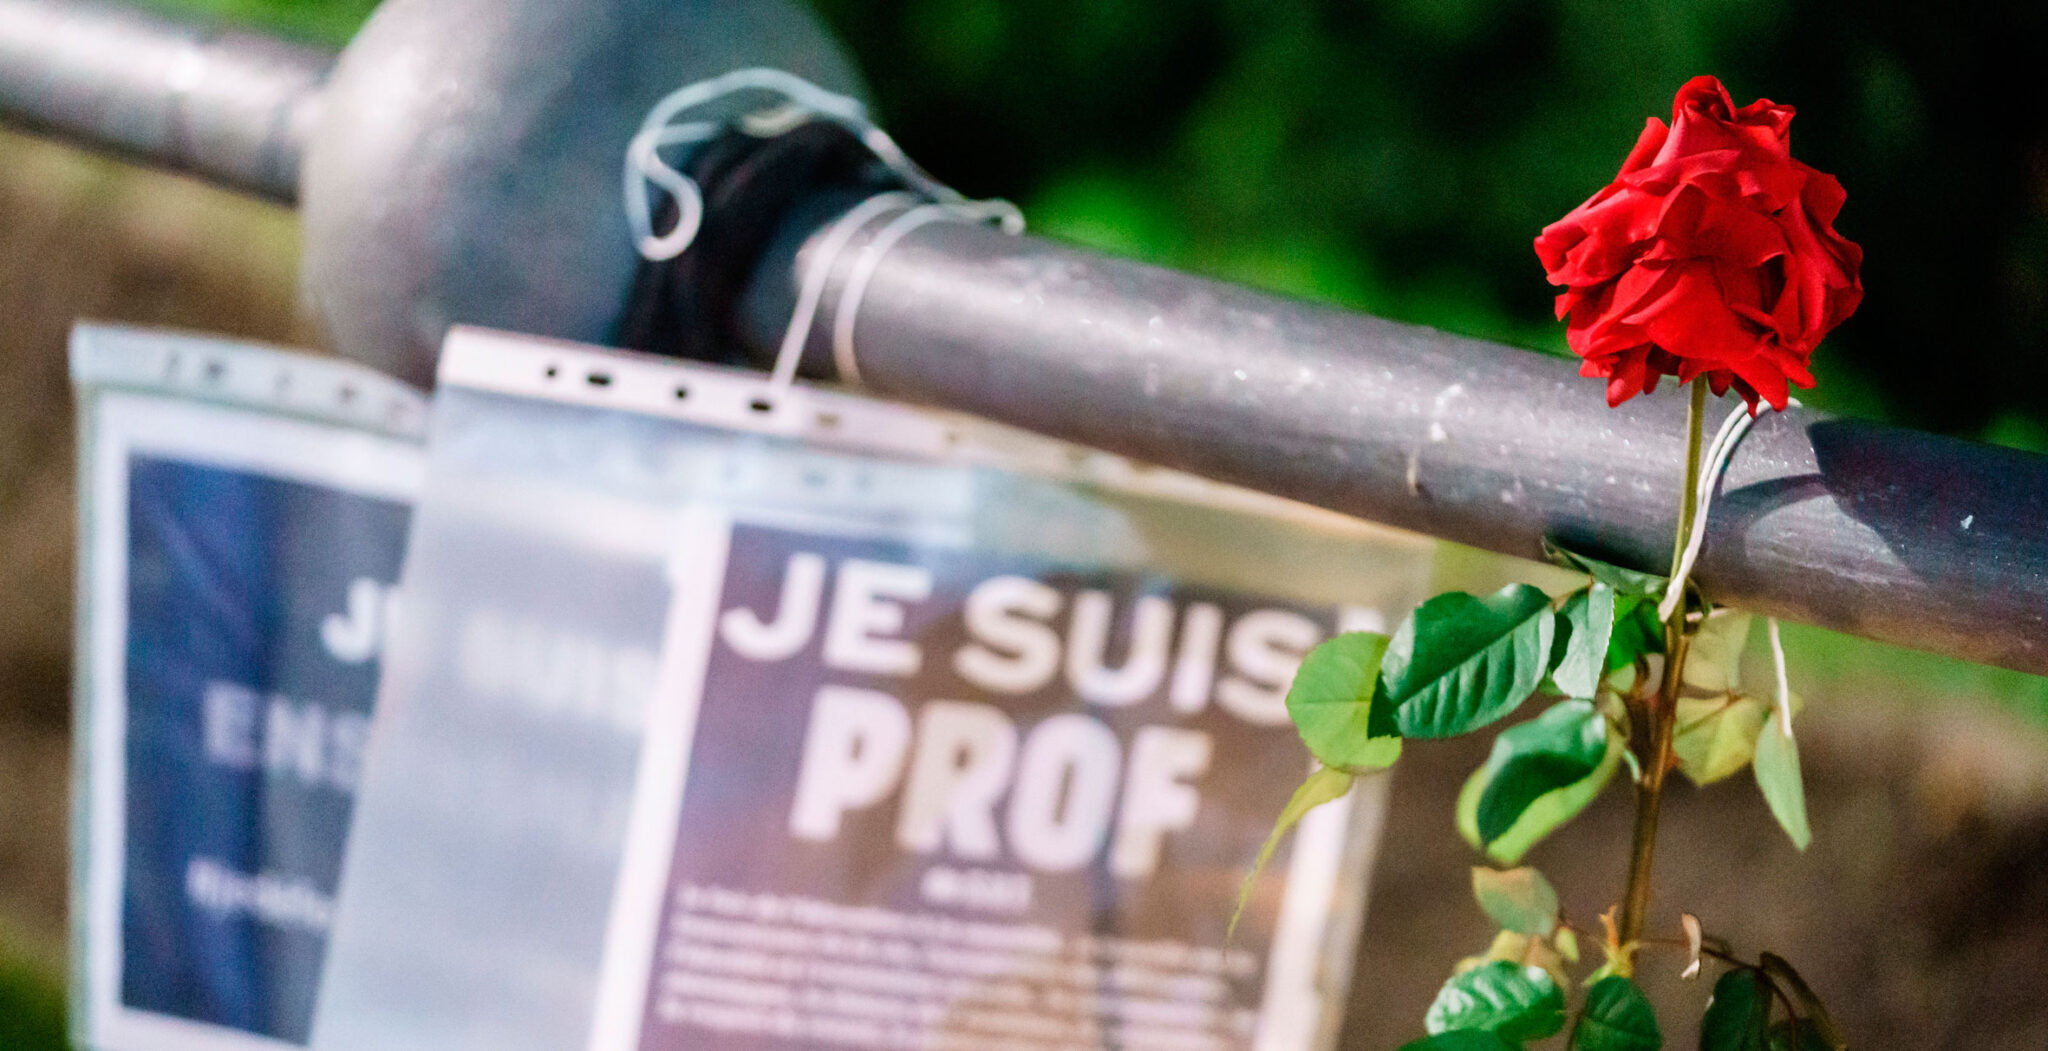 Homenaje al profesor decapitado en Francia